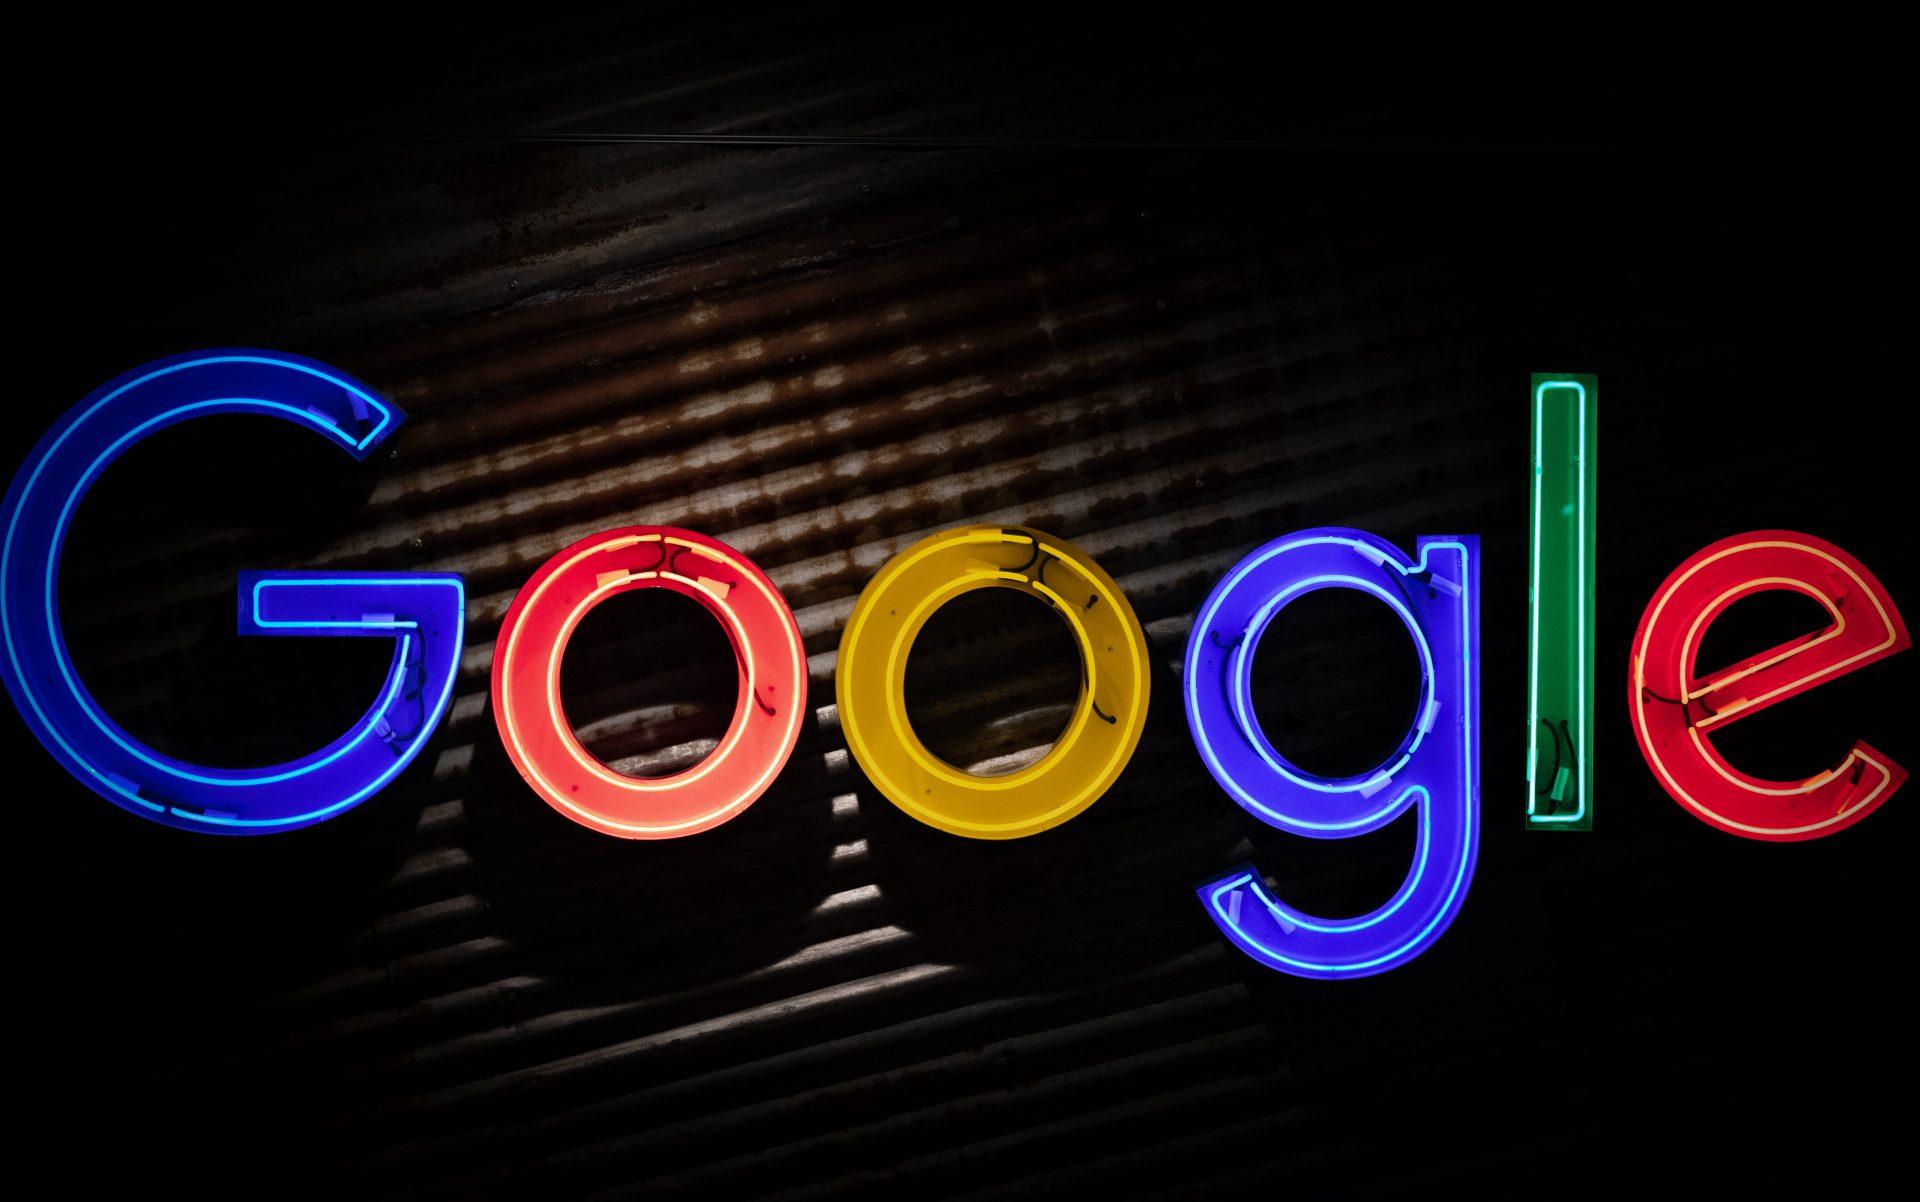 Fotografía del logo de Google por Mitchell Luo en Unsplash